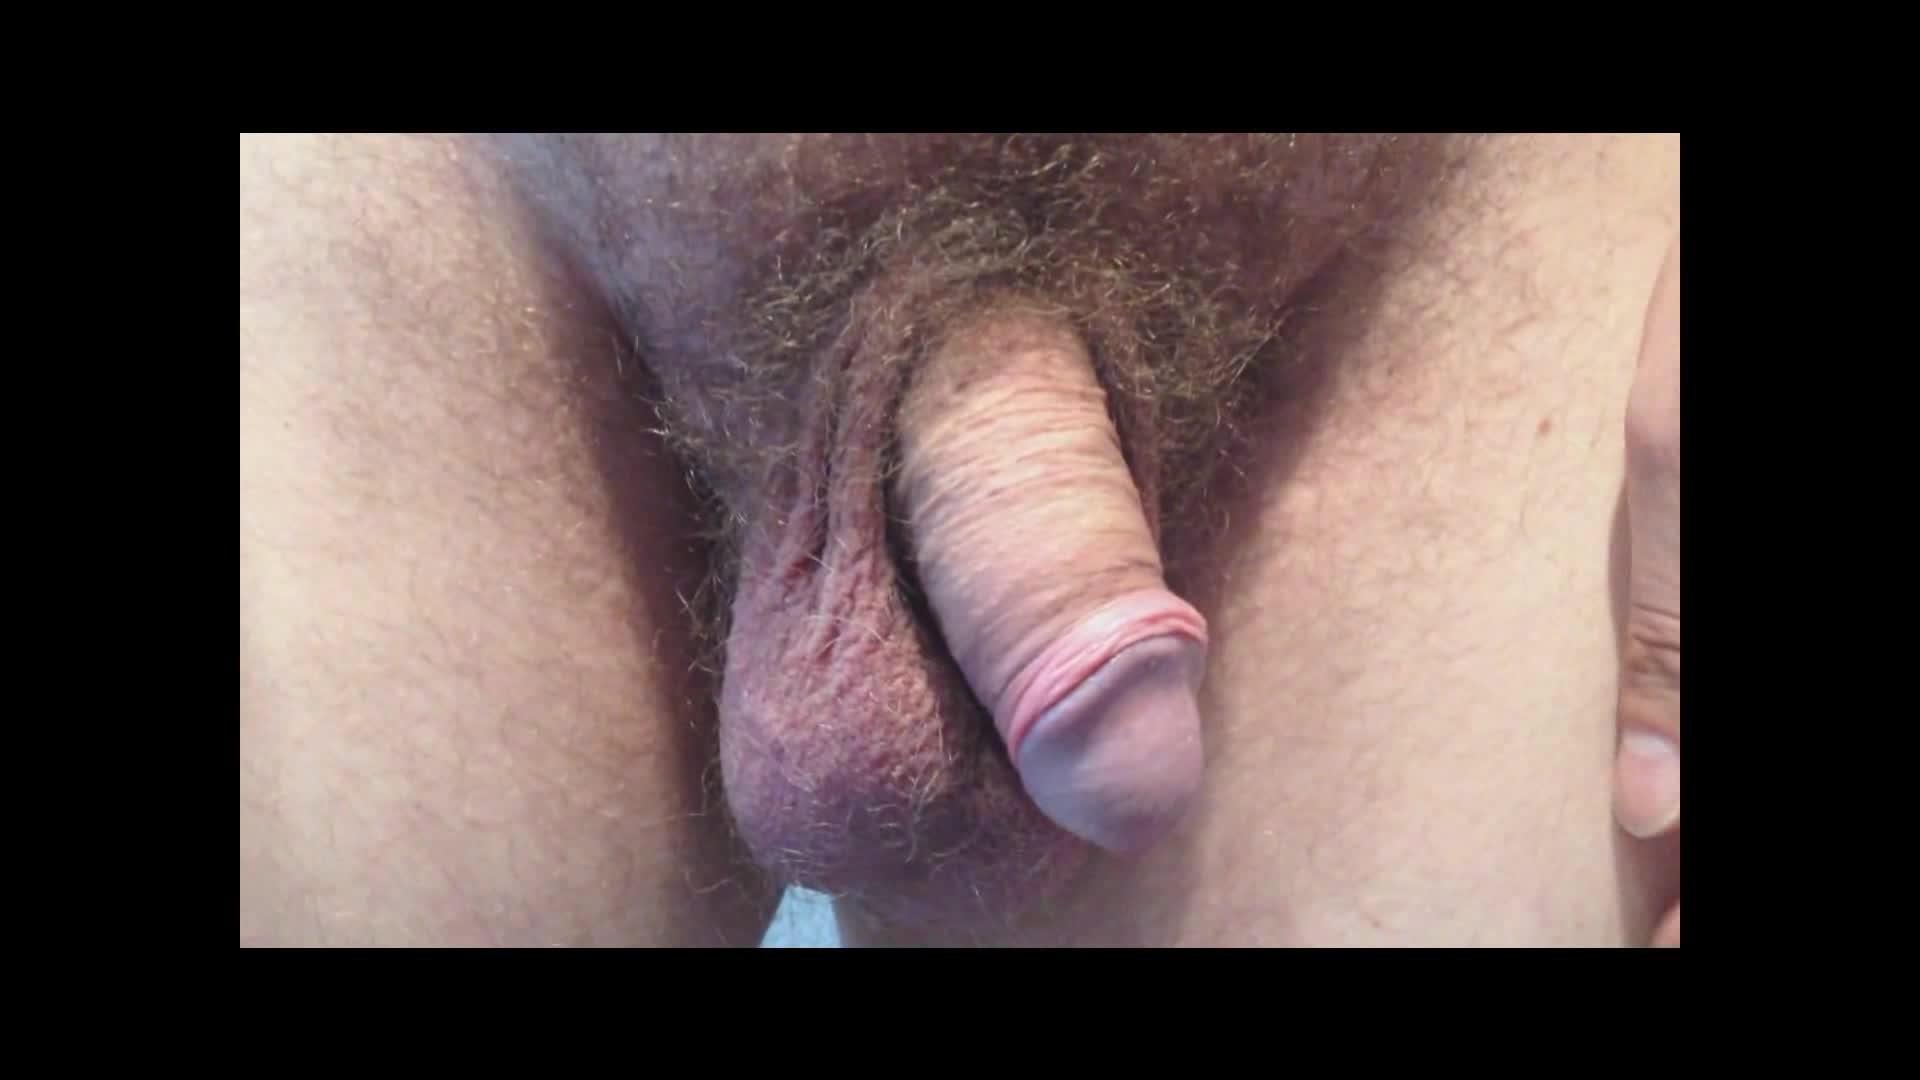 schlaffer penis porn